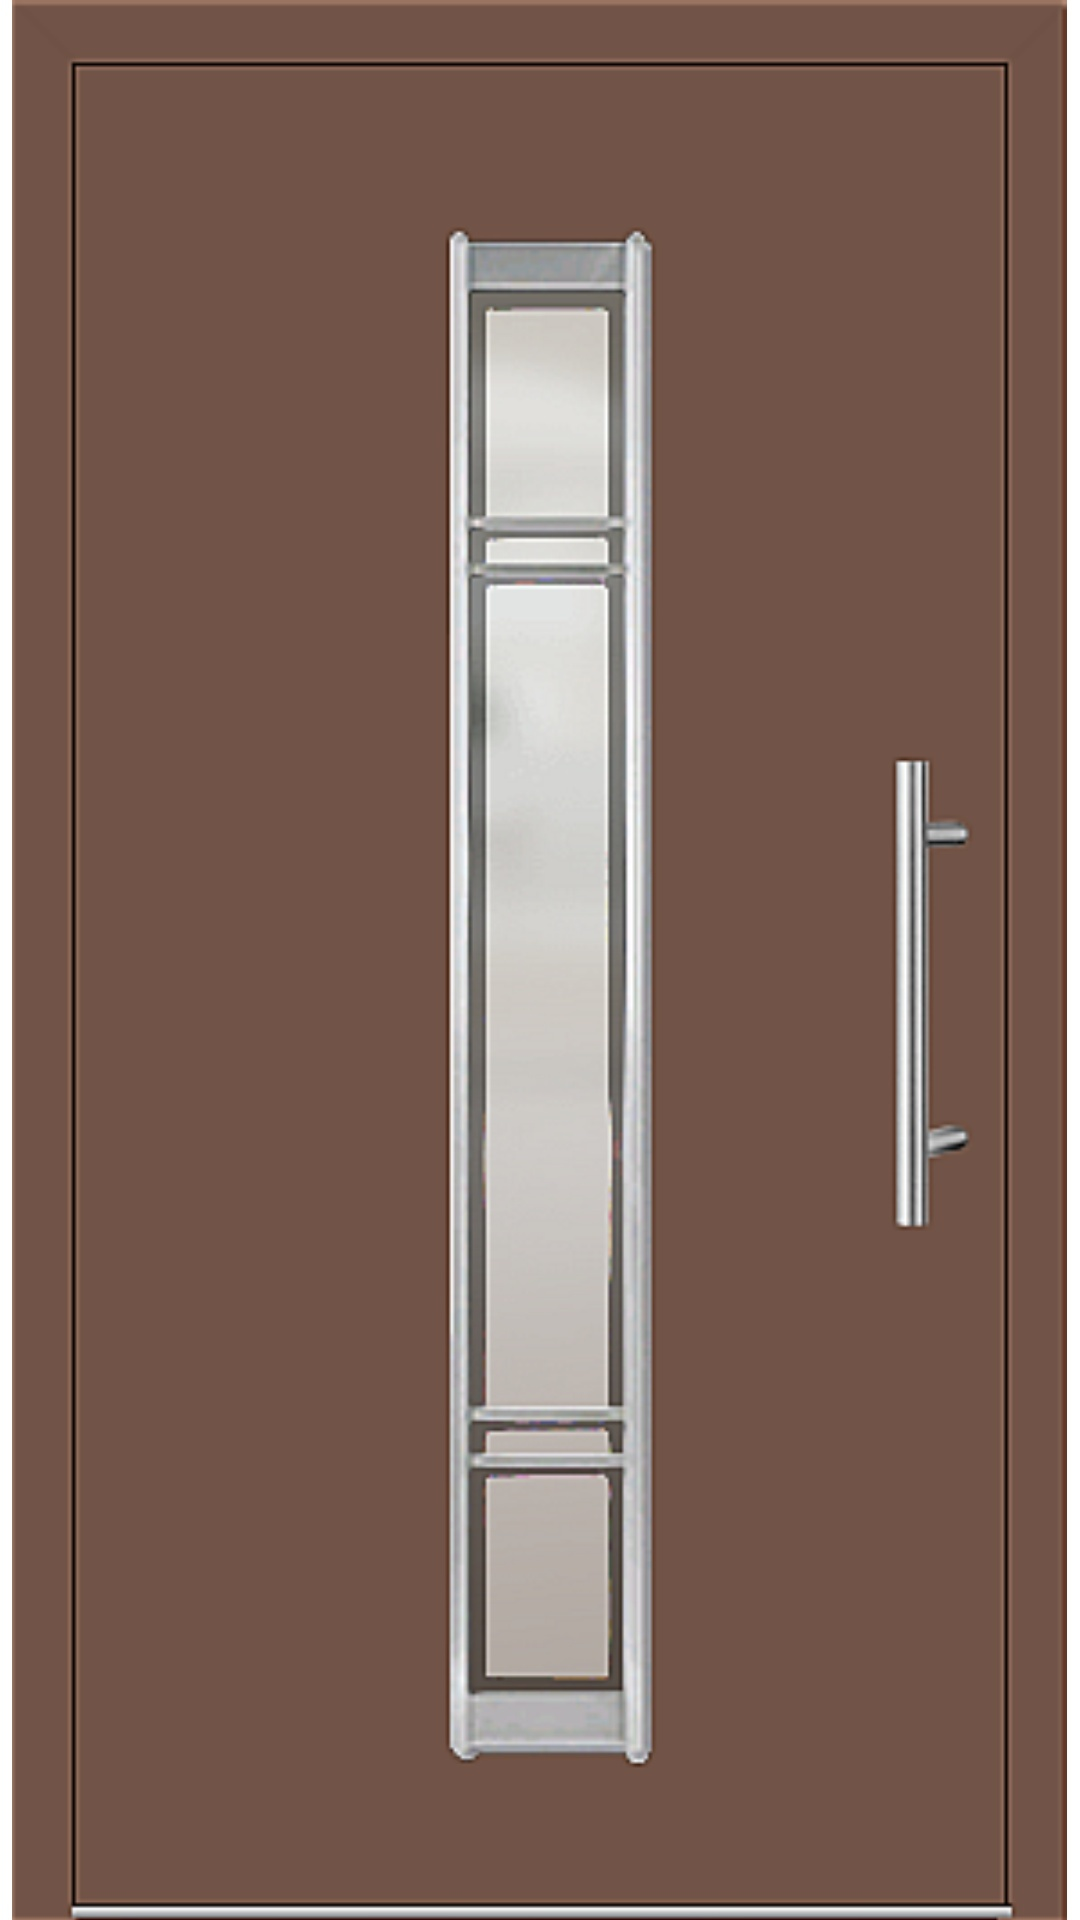 Aluminium Haustür Modell 6977-79 lehmbraun